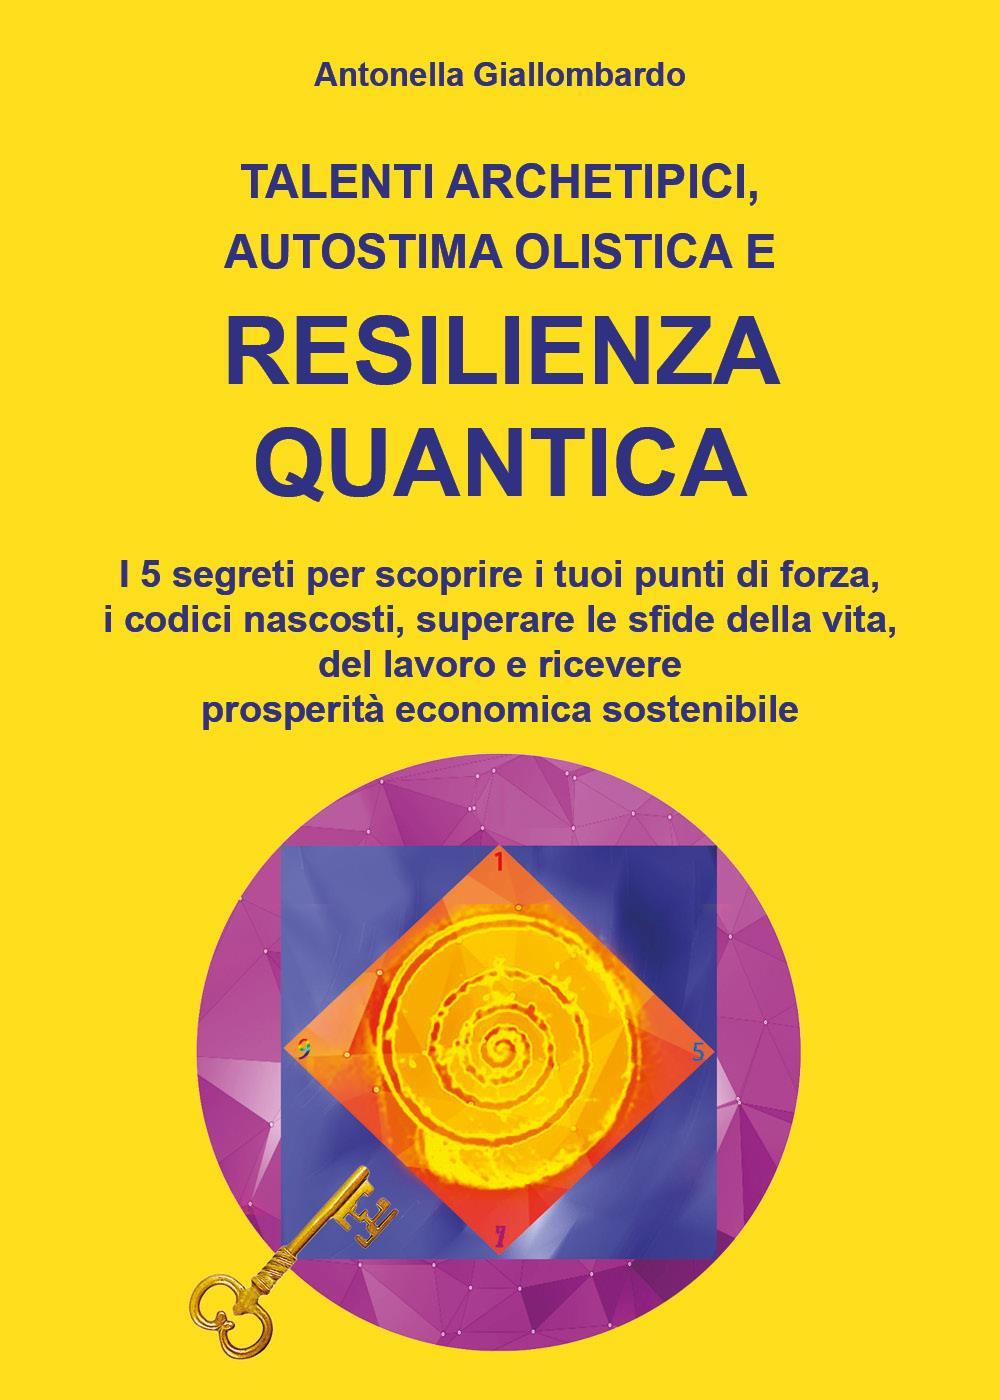 Talenti archetipici, autostima olistica e resilienza quantica